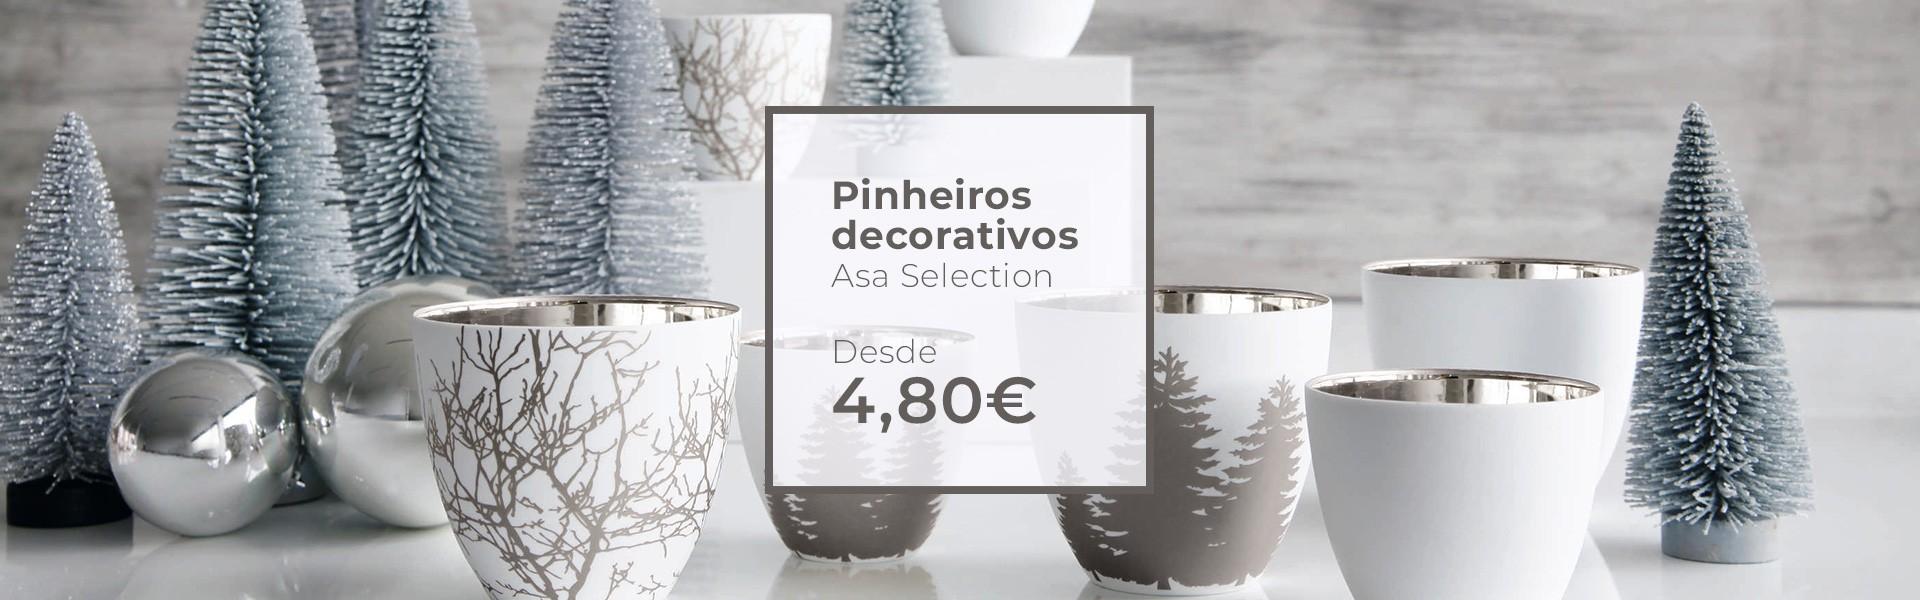 Pinheiros decorativos prata